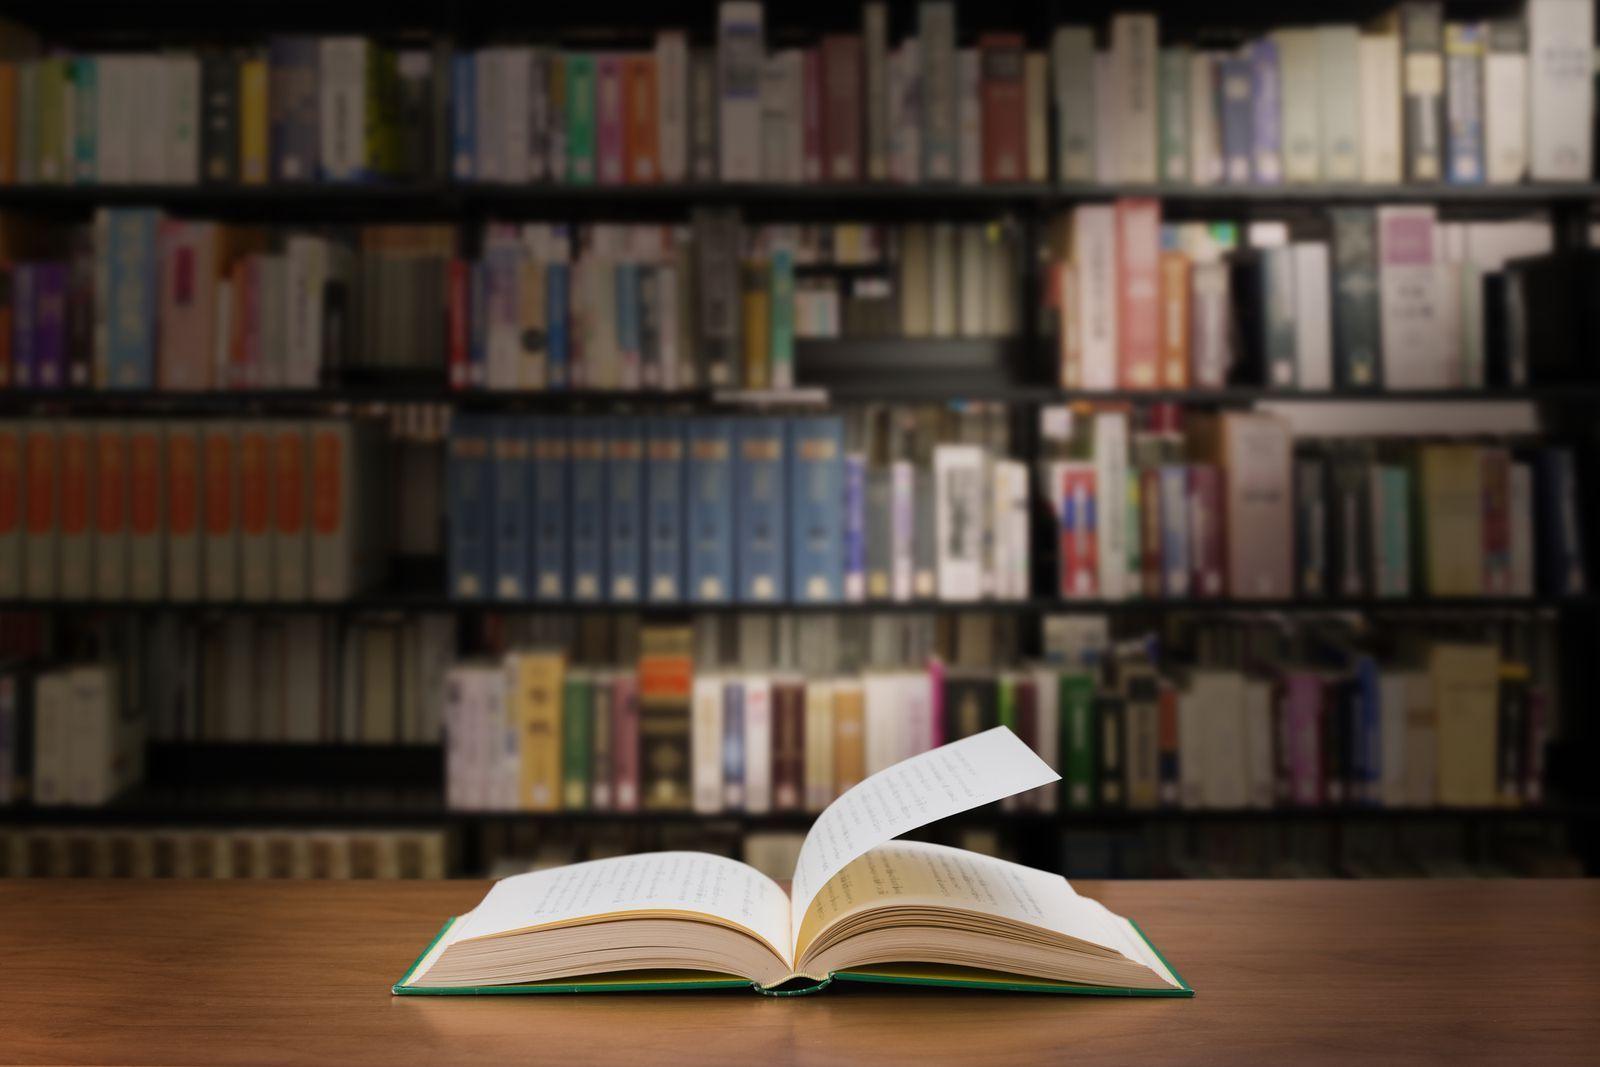 本好き 図書館好き 芸術好き 建築好き必見 地元の図書館とは違う日本全国にある魅力的な図書館を紹介します 図書館とは思えない外観の図書館 からゆったりくつろげる図書館まで特徴ある素敵な図書館がたくさんあります 一度は行ってみたいおすすめスポットになること